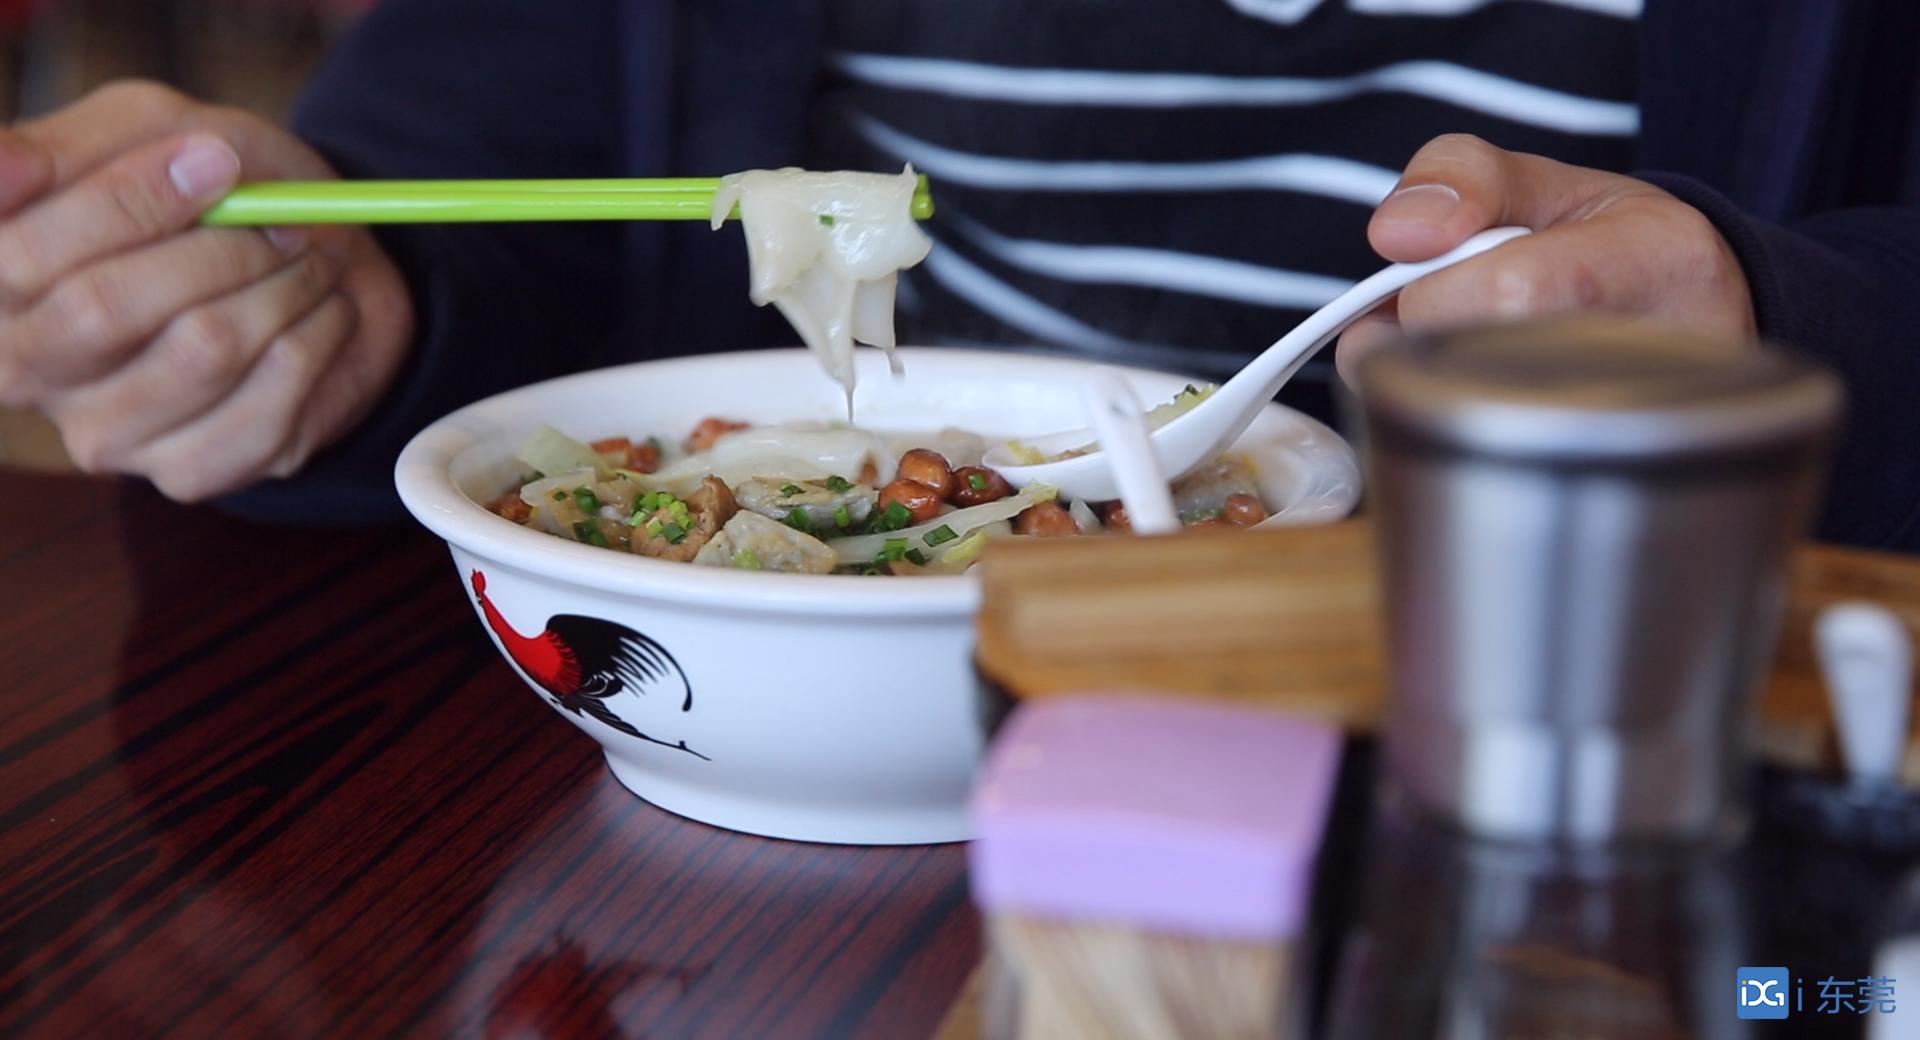 镇能量·视频 | 逢周一70岁以上老人免费吃,点赞大岭山这家美食店!